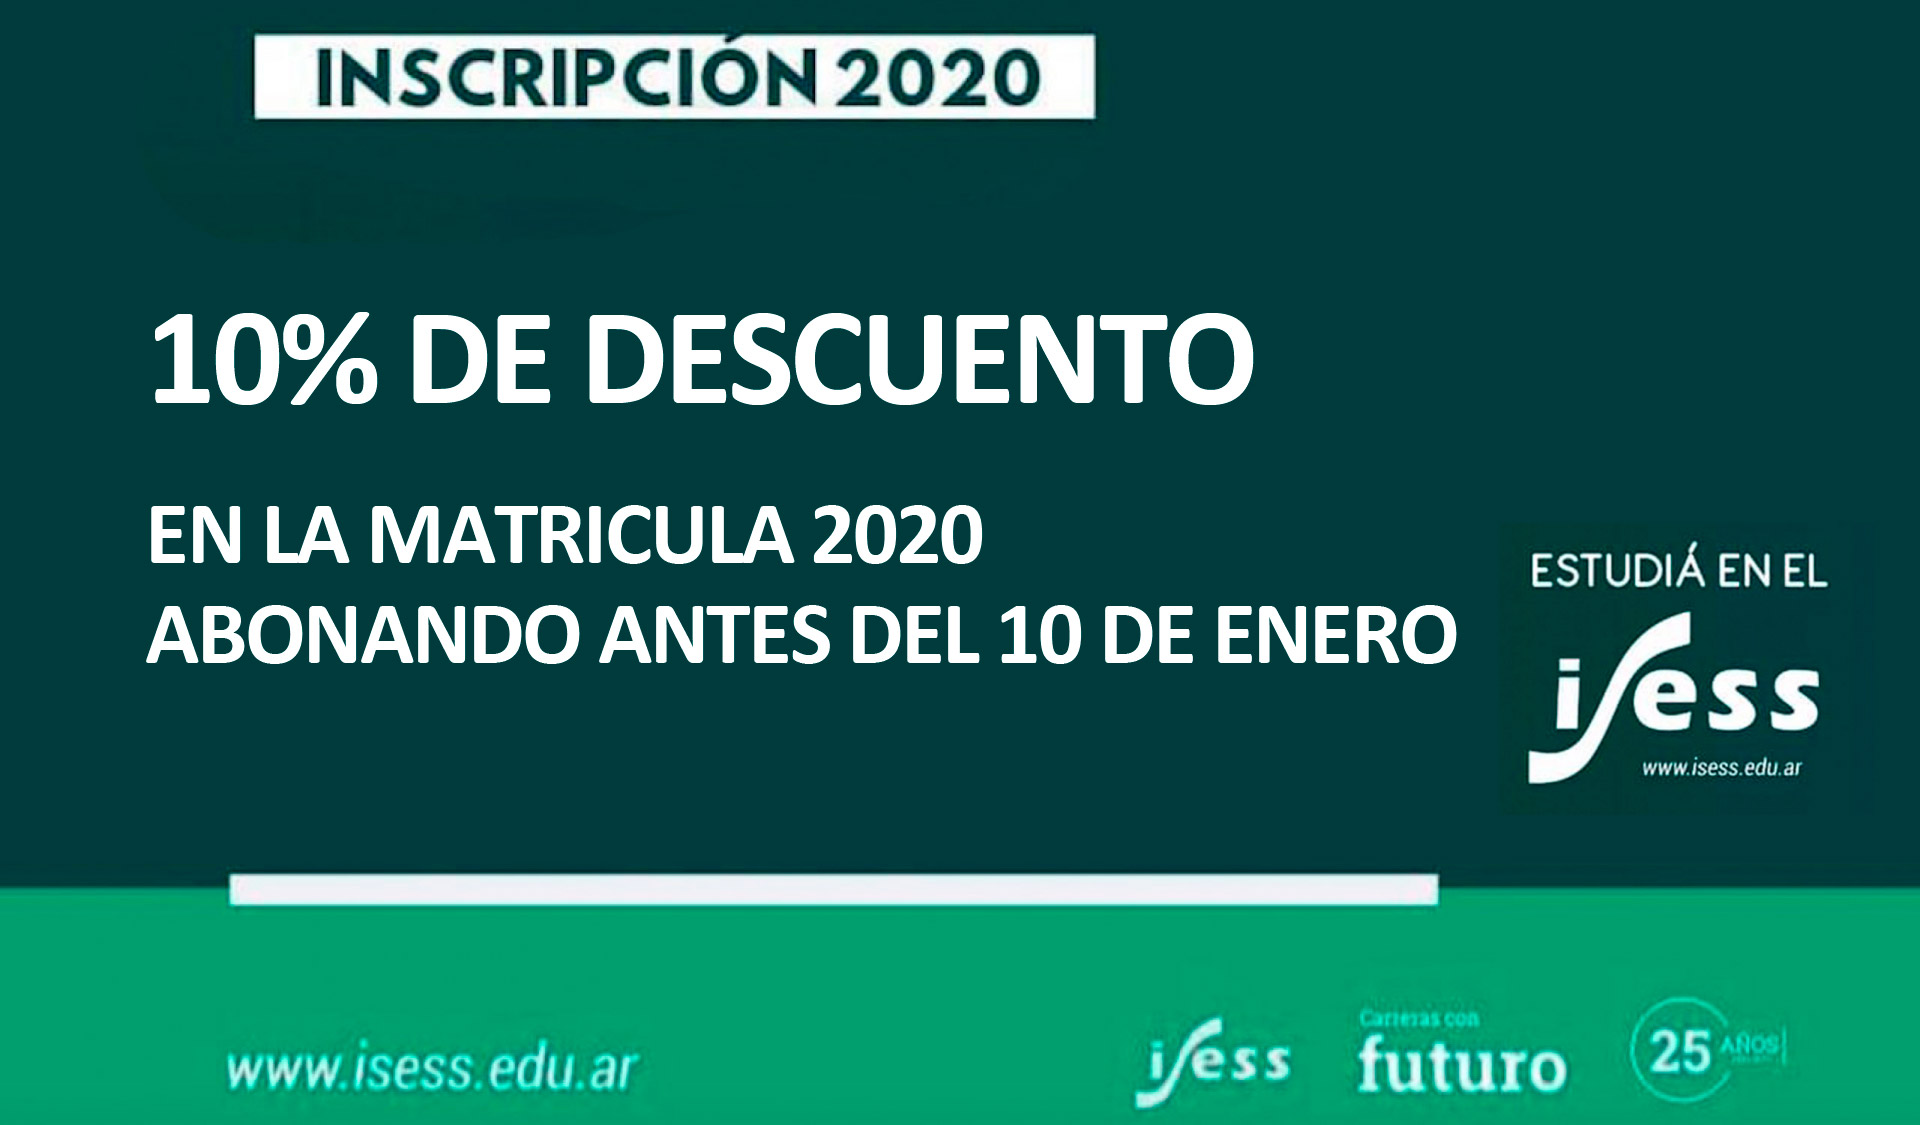 Abiertas las inscripciones 2020!